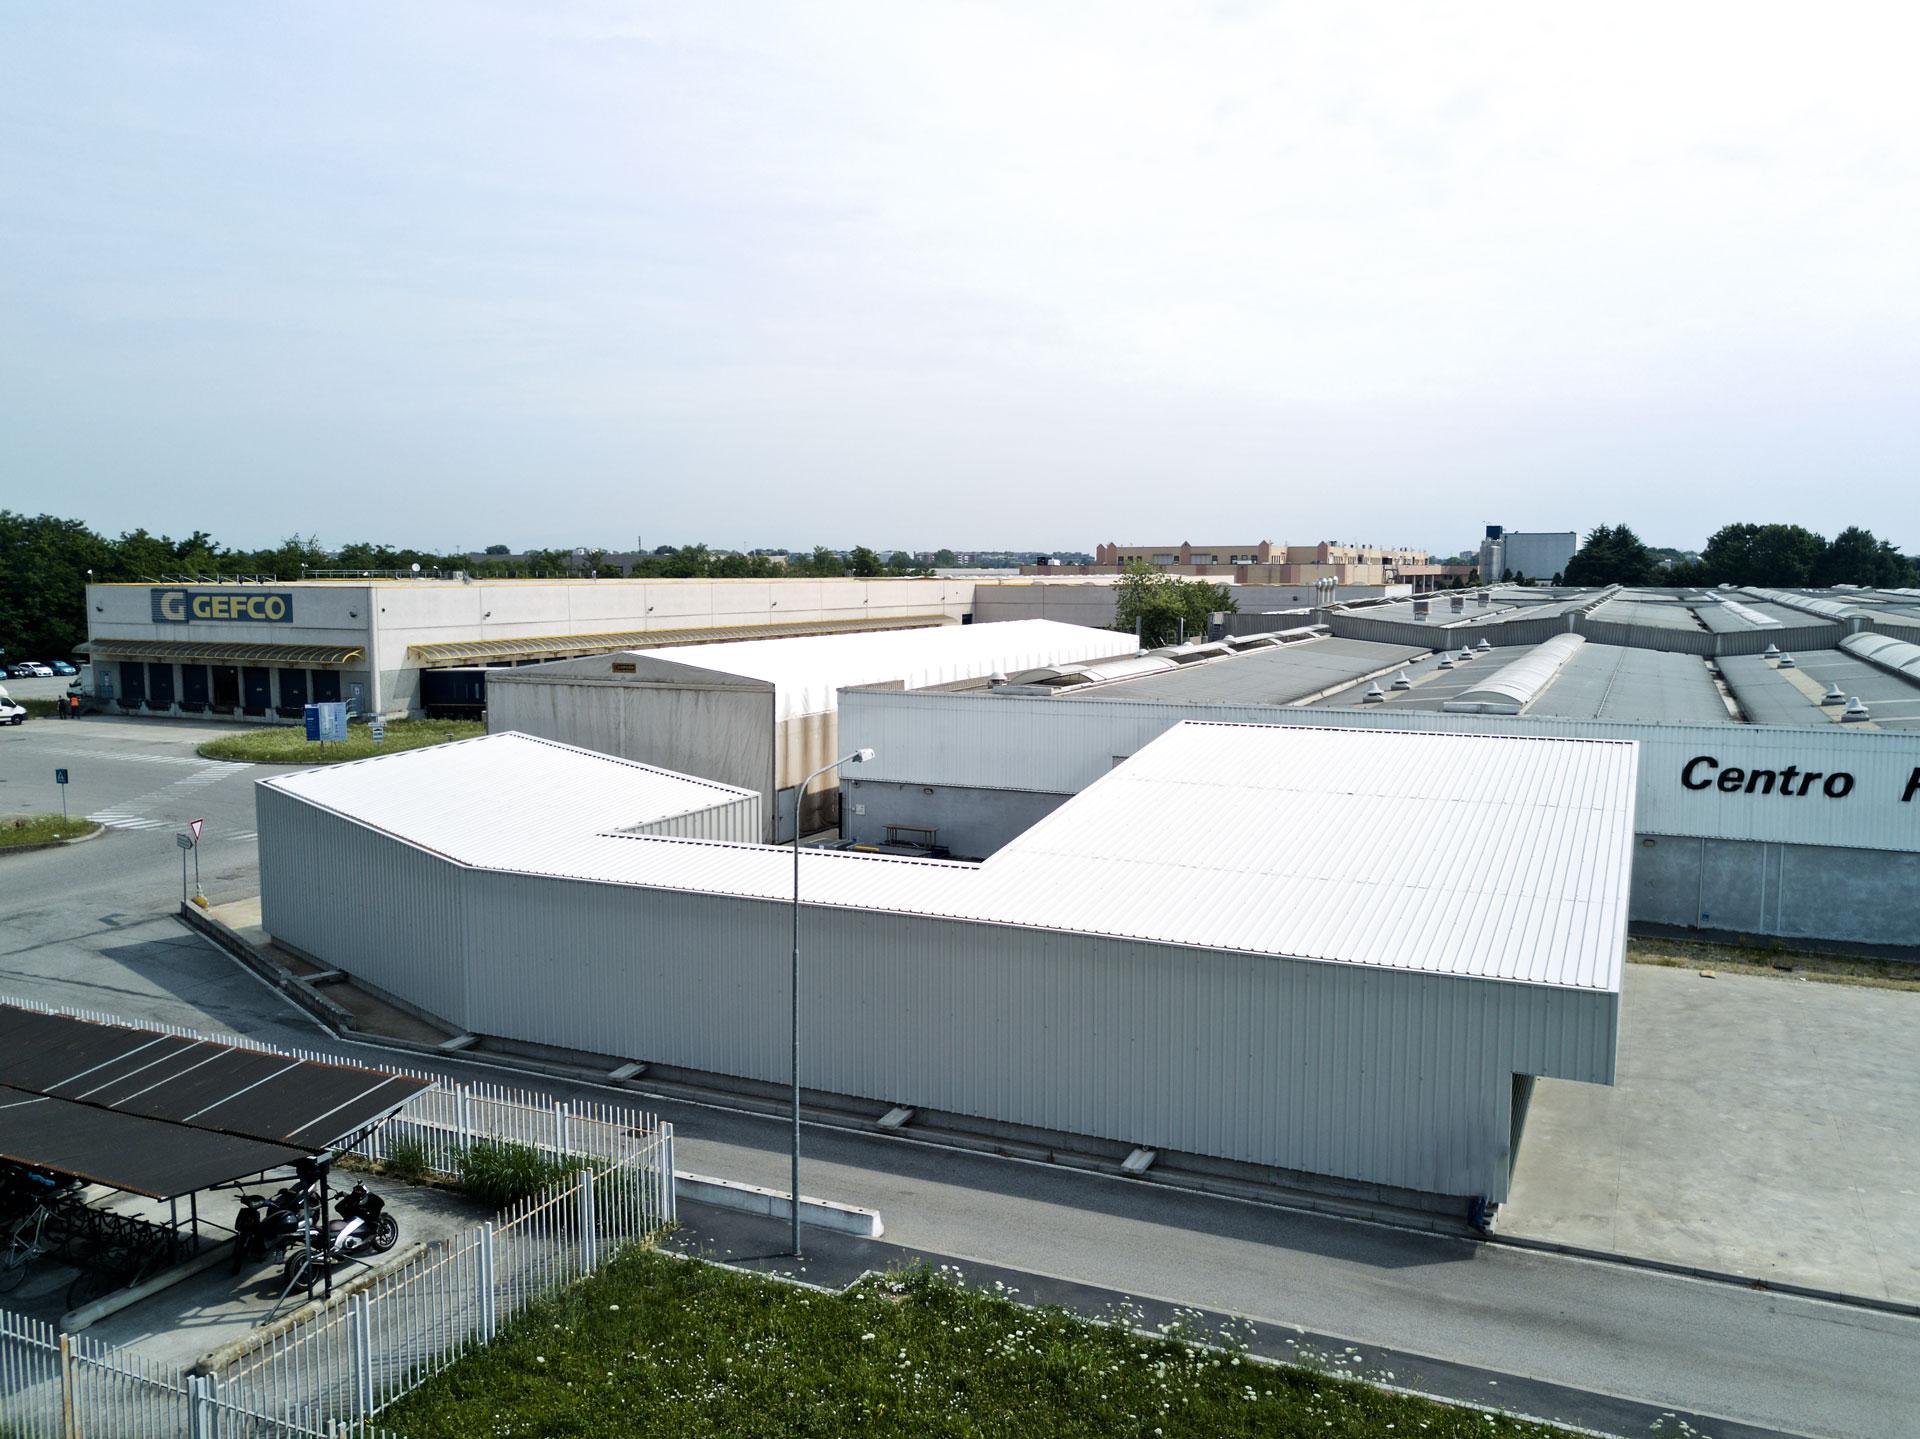 esperienza drone immagine aerea portfolio cantiere architettura milano studio gdmp costruzione magazzino quattro 2.jpg